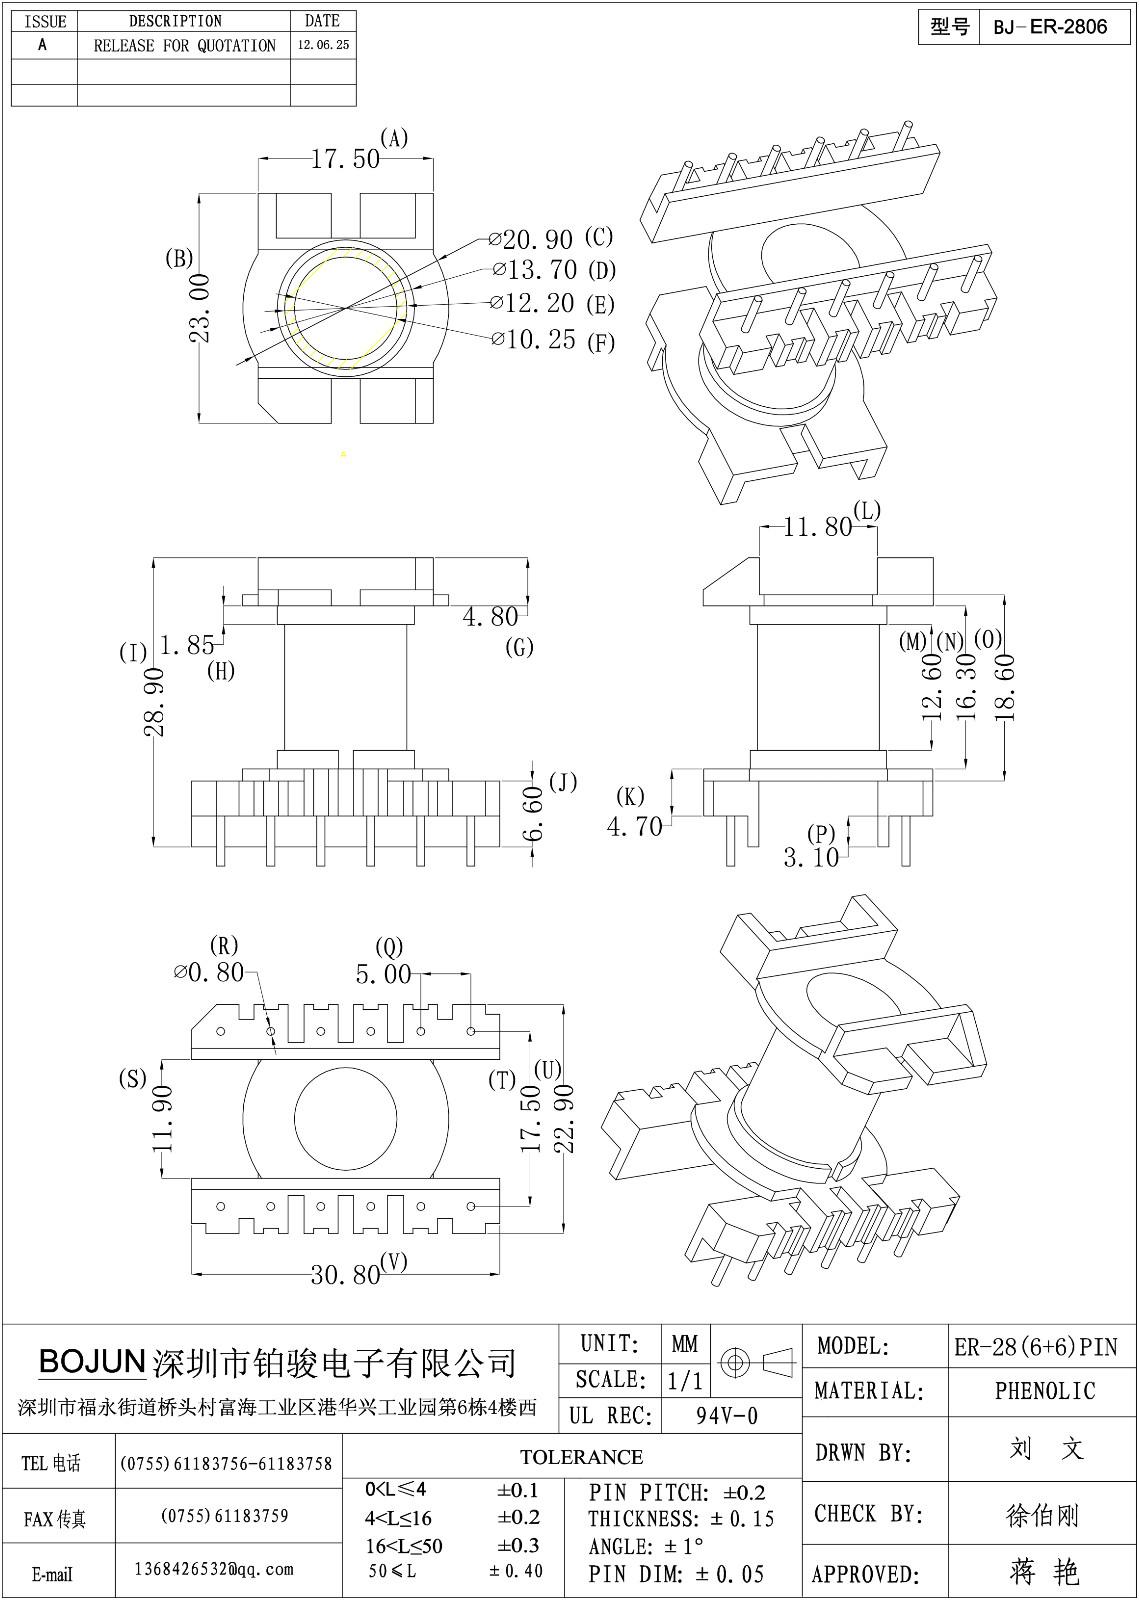 ER-2806-Model-(1).jpg